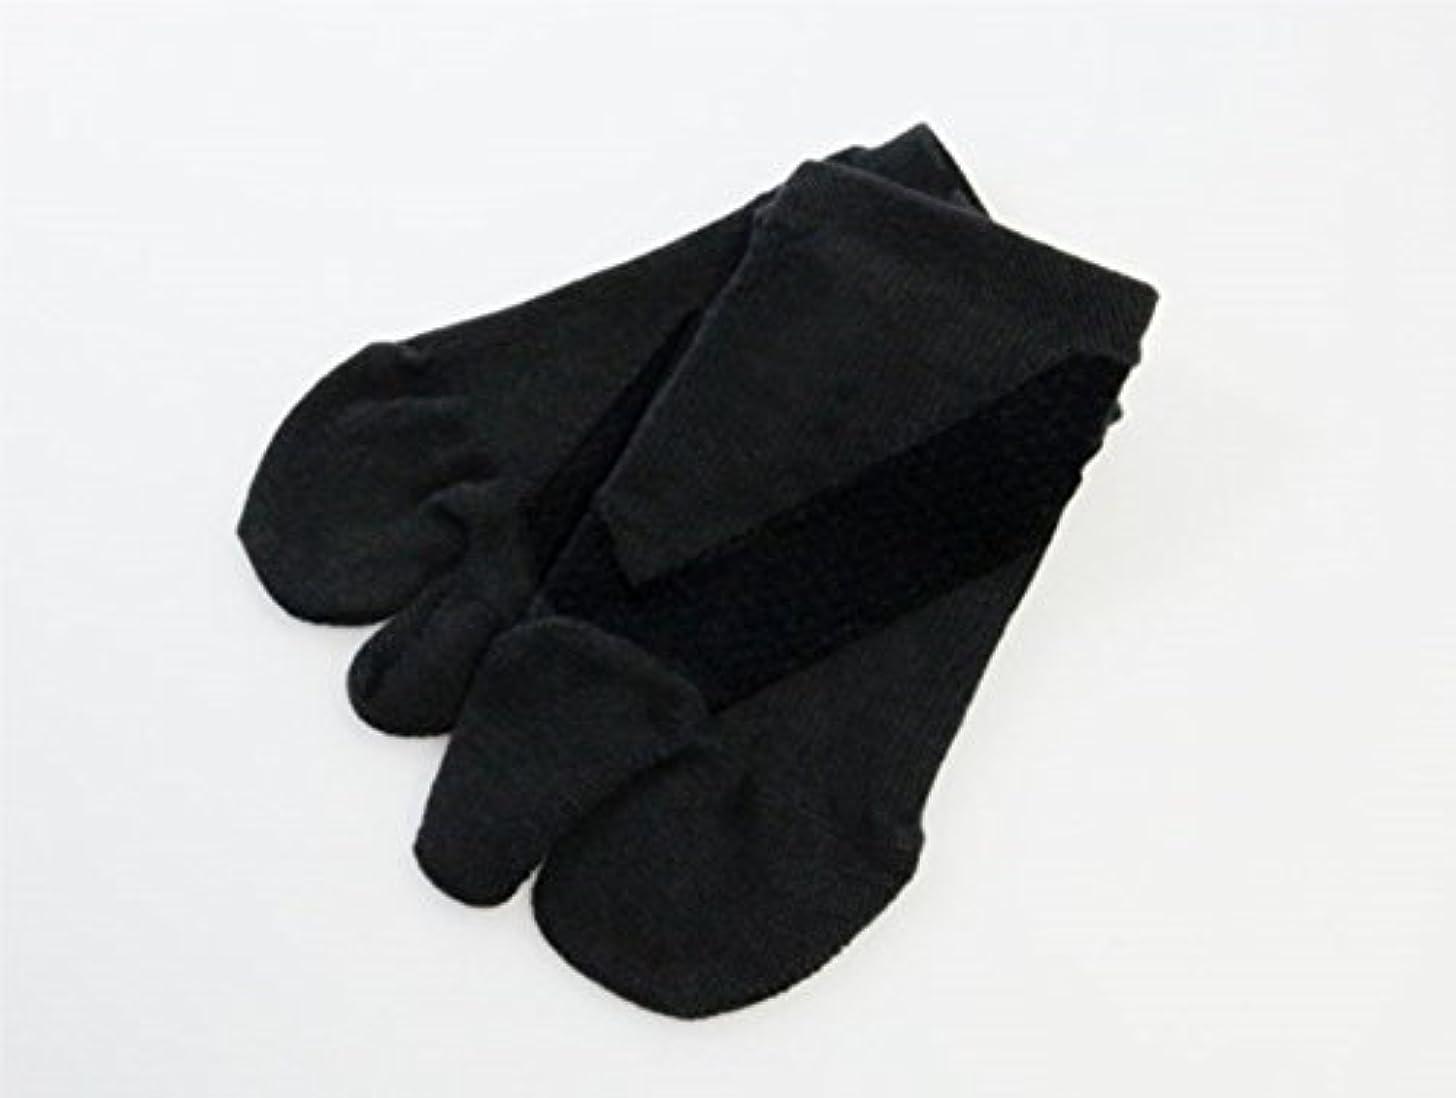 収入矢祭司さとう式 フレクサーソックス スニーカータイプ 黒 (M) 足袋型